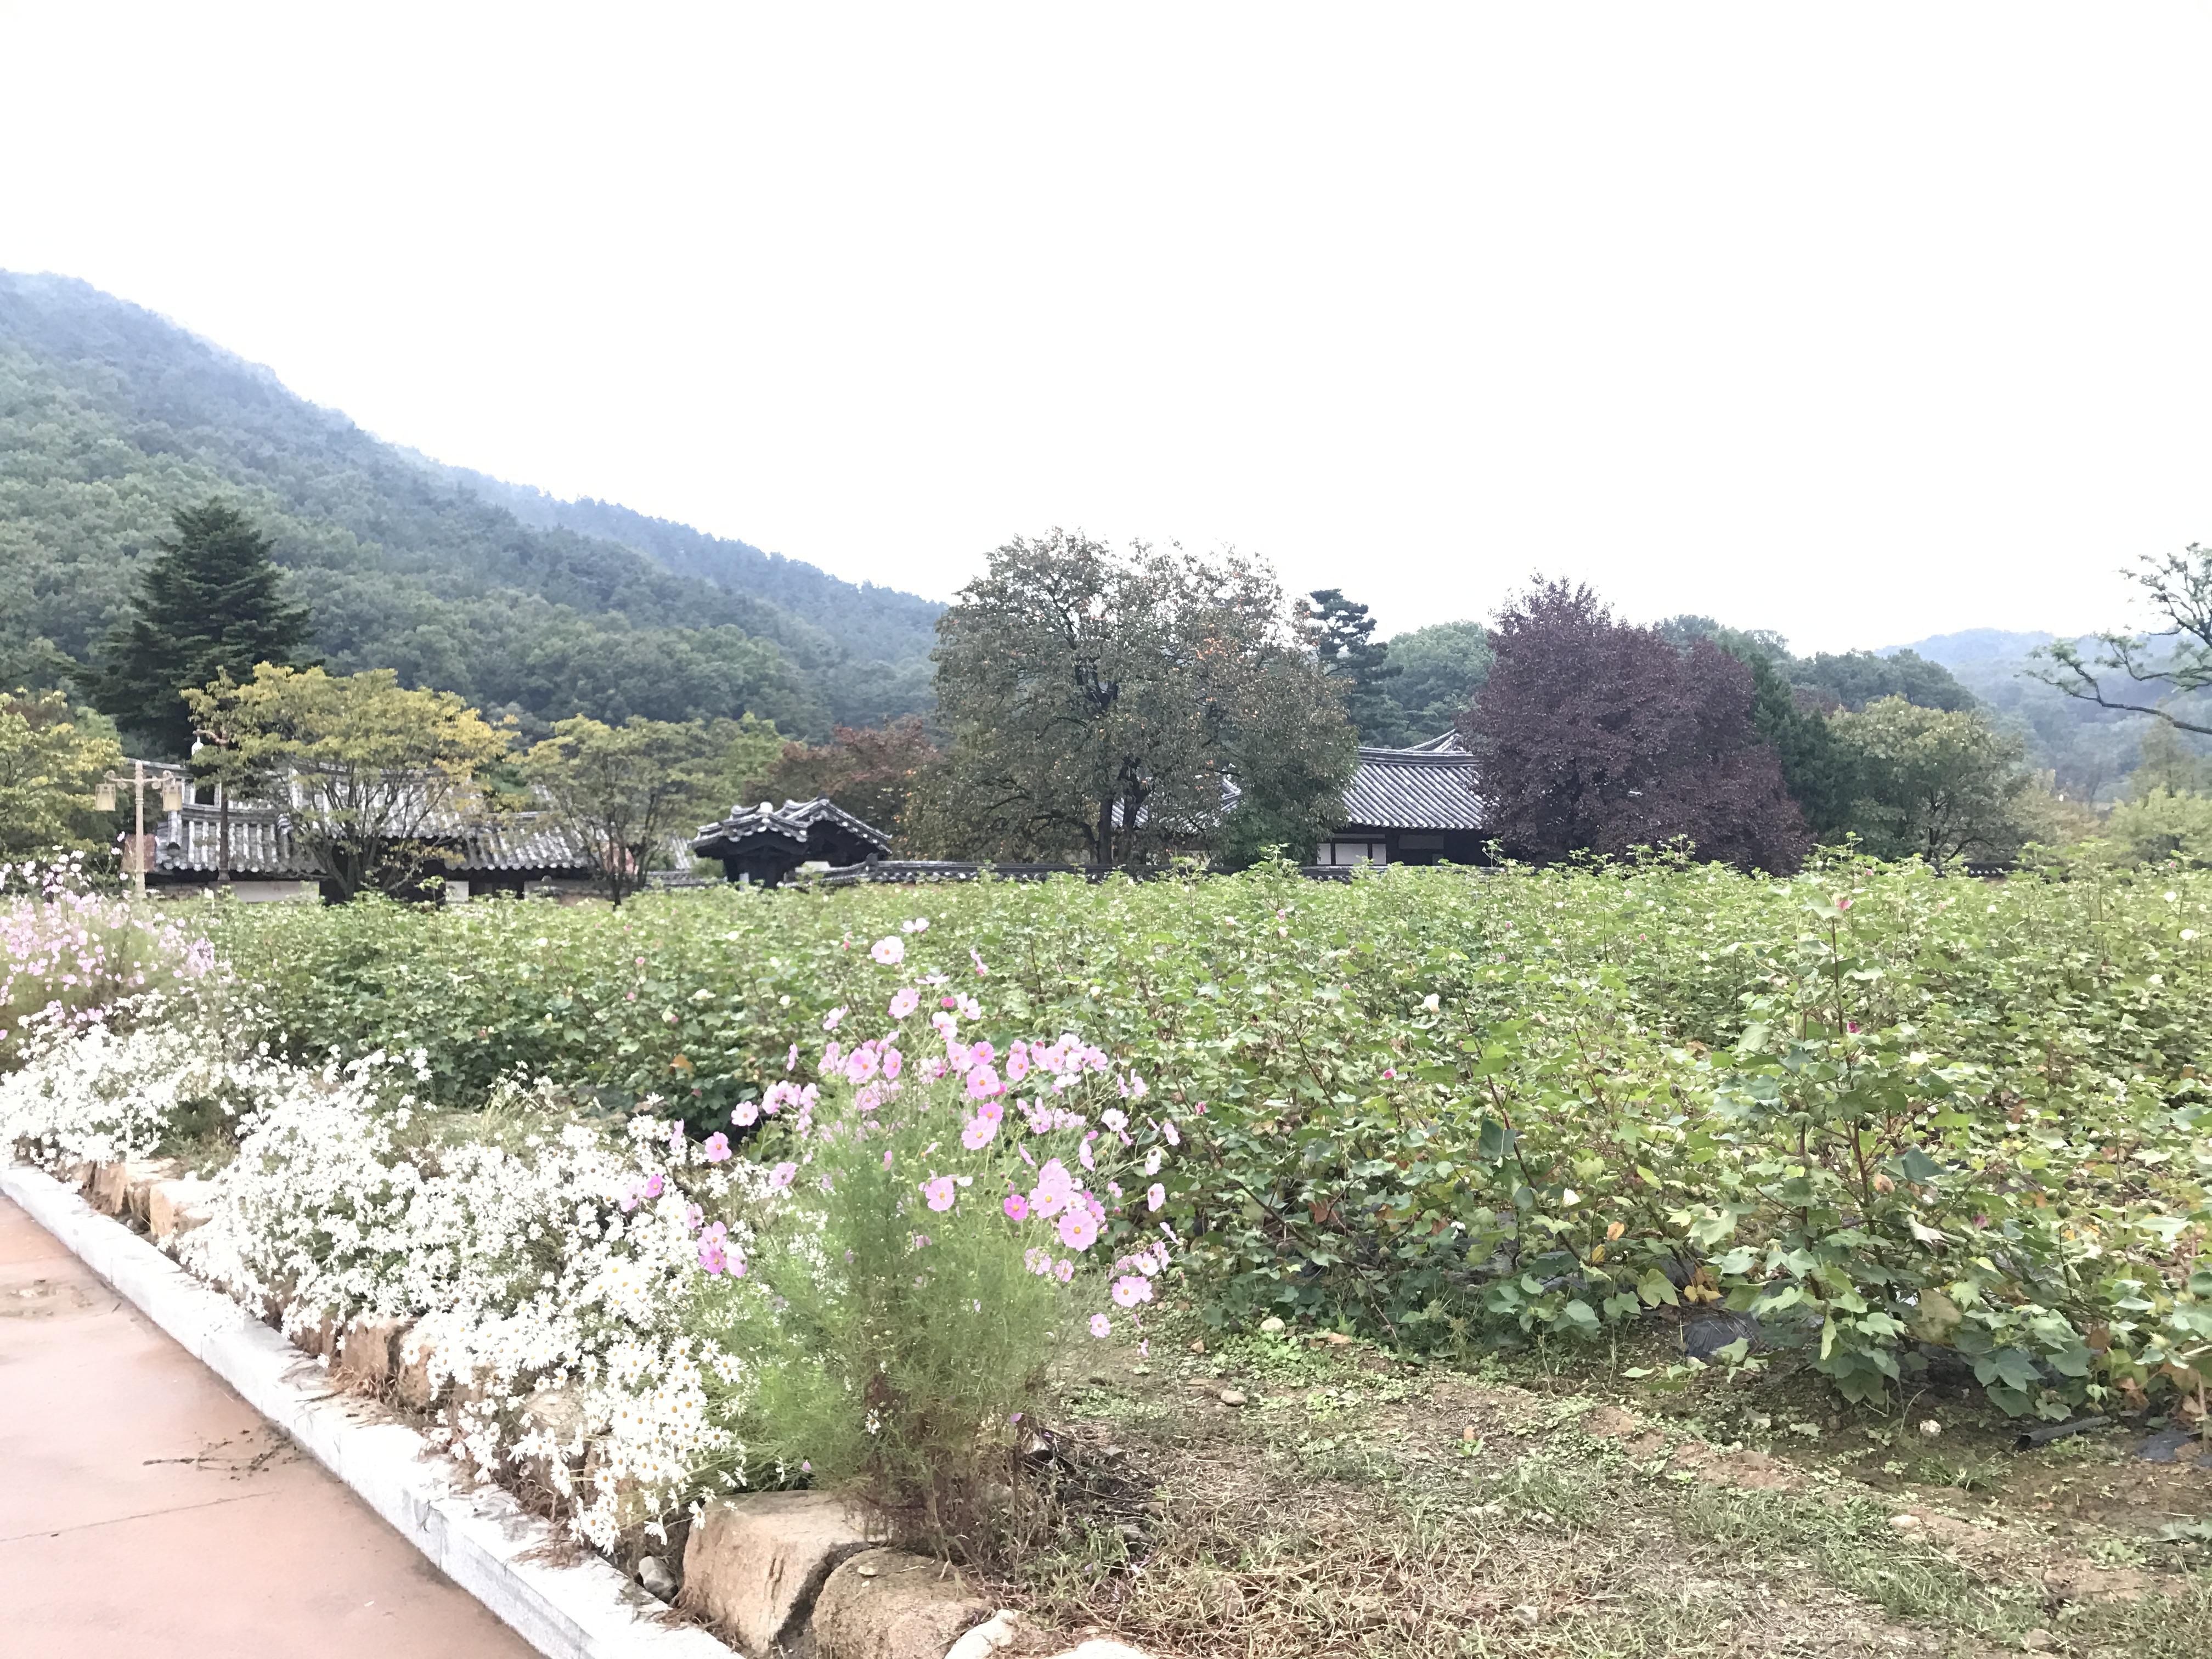 韓國自由行-韓國旅遊-韓國機票-南平文氏本裡世區地